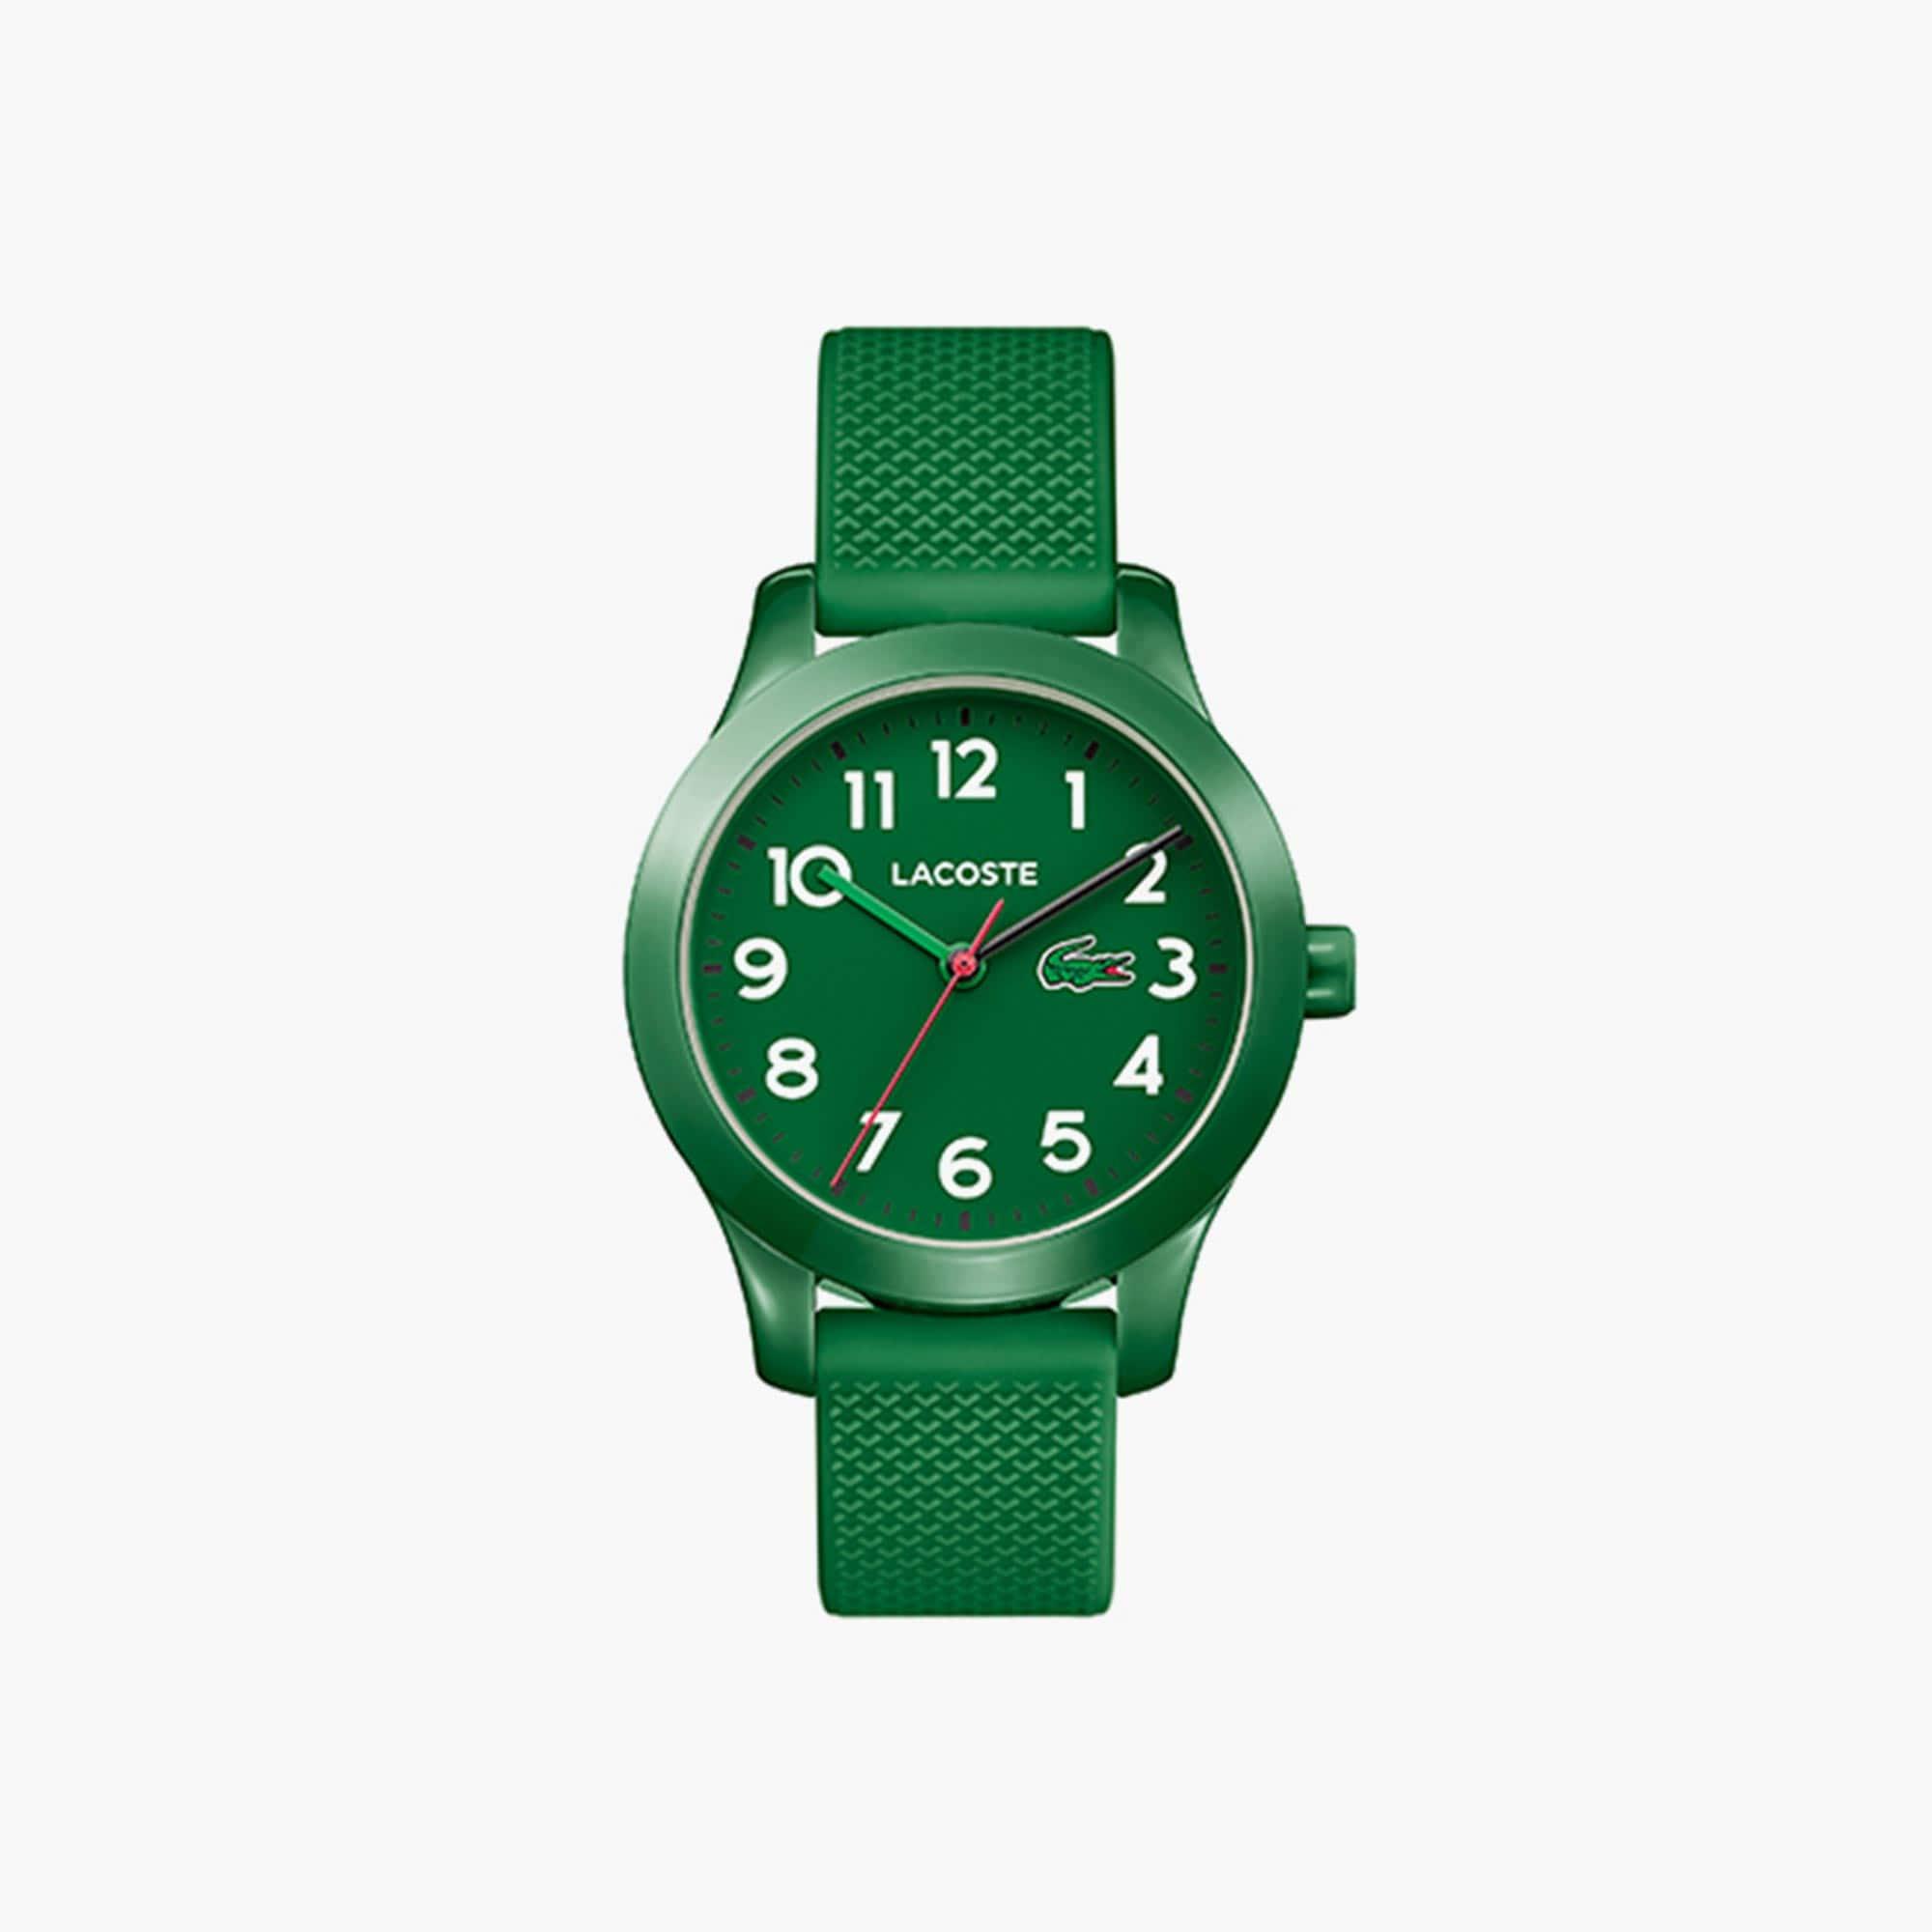 Relógio Lacoste 12.12 Criança com Bracelete em Silicone Verde